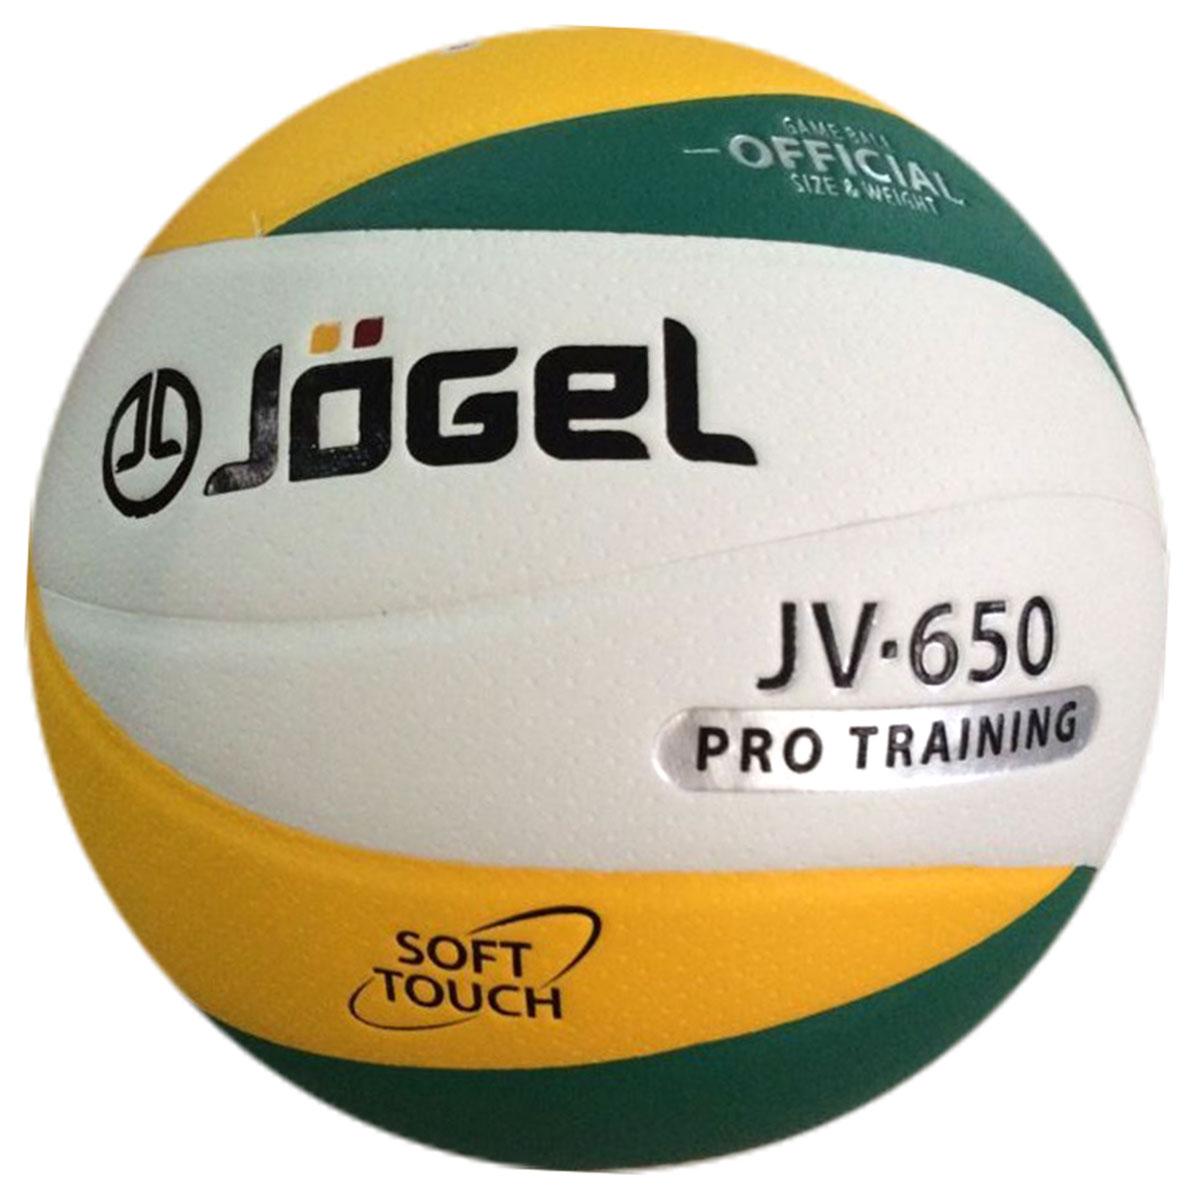 Мяч волейбольный Jogel, цвет: зеленый, желтый. Размер 5. JV-650120330_black/whiteКлееный волейбольный мяч Jogel предназначен для профессиональных тренировок. Покрышка мяча выполнена из мягкой высококачественнойсинтетической кожи (полиуретан). Его поверхность обработана по технологии Dimple - микроуглубления на поверхности мяча, обеспечивающиеболее лучший контроль, т.е. мяч меньше скользит. Мяч состоит из 12 панелей и бутиловой камеры, также армирован подкладочным слоем, выполненным из ткани. Волейбольный мяч Jogel JV-650 рекомендован для тренировок команд среднего и высокого уровня, а также соревнований любительских и среднихкоманд.Вес: 260-280 гр.Длина окружности: 65-67 см. Рекомендованное давление: 0.29-0.32 бар.УВАЖАЕМЫЕ КЛИЕНТЫ! Обращаем ваше внимание на тот факт, что мяч поставляется в сдутом виде. Насос в комплект не входит.